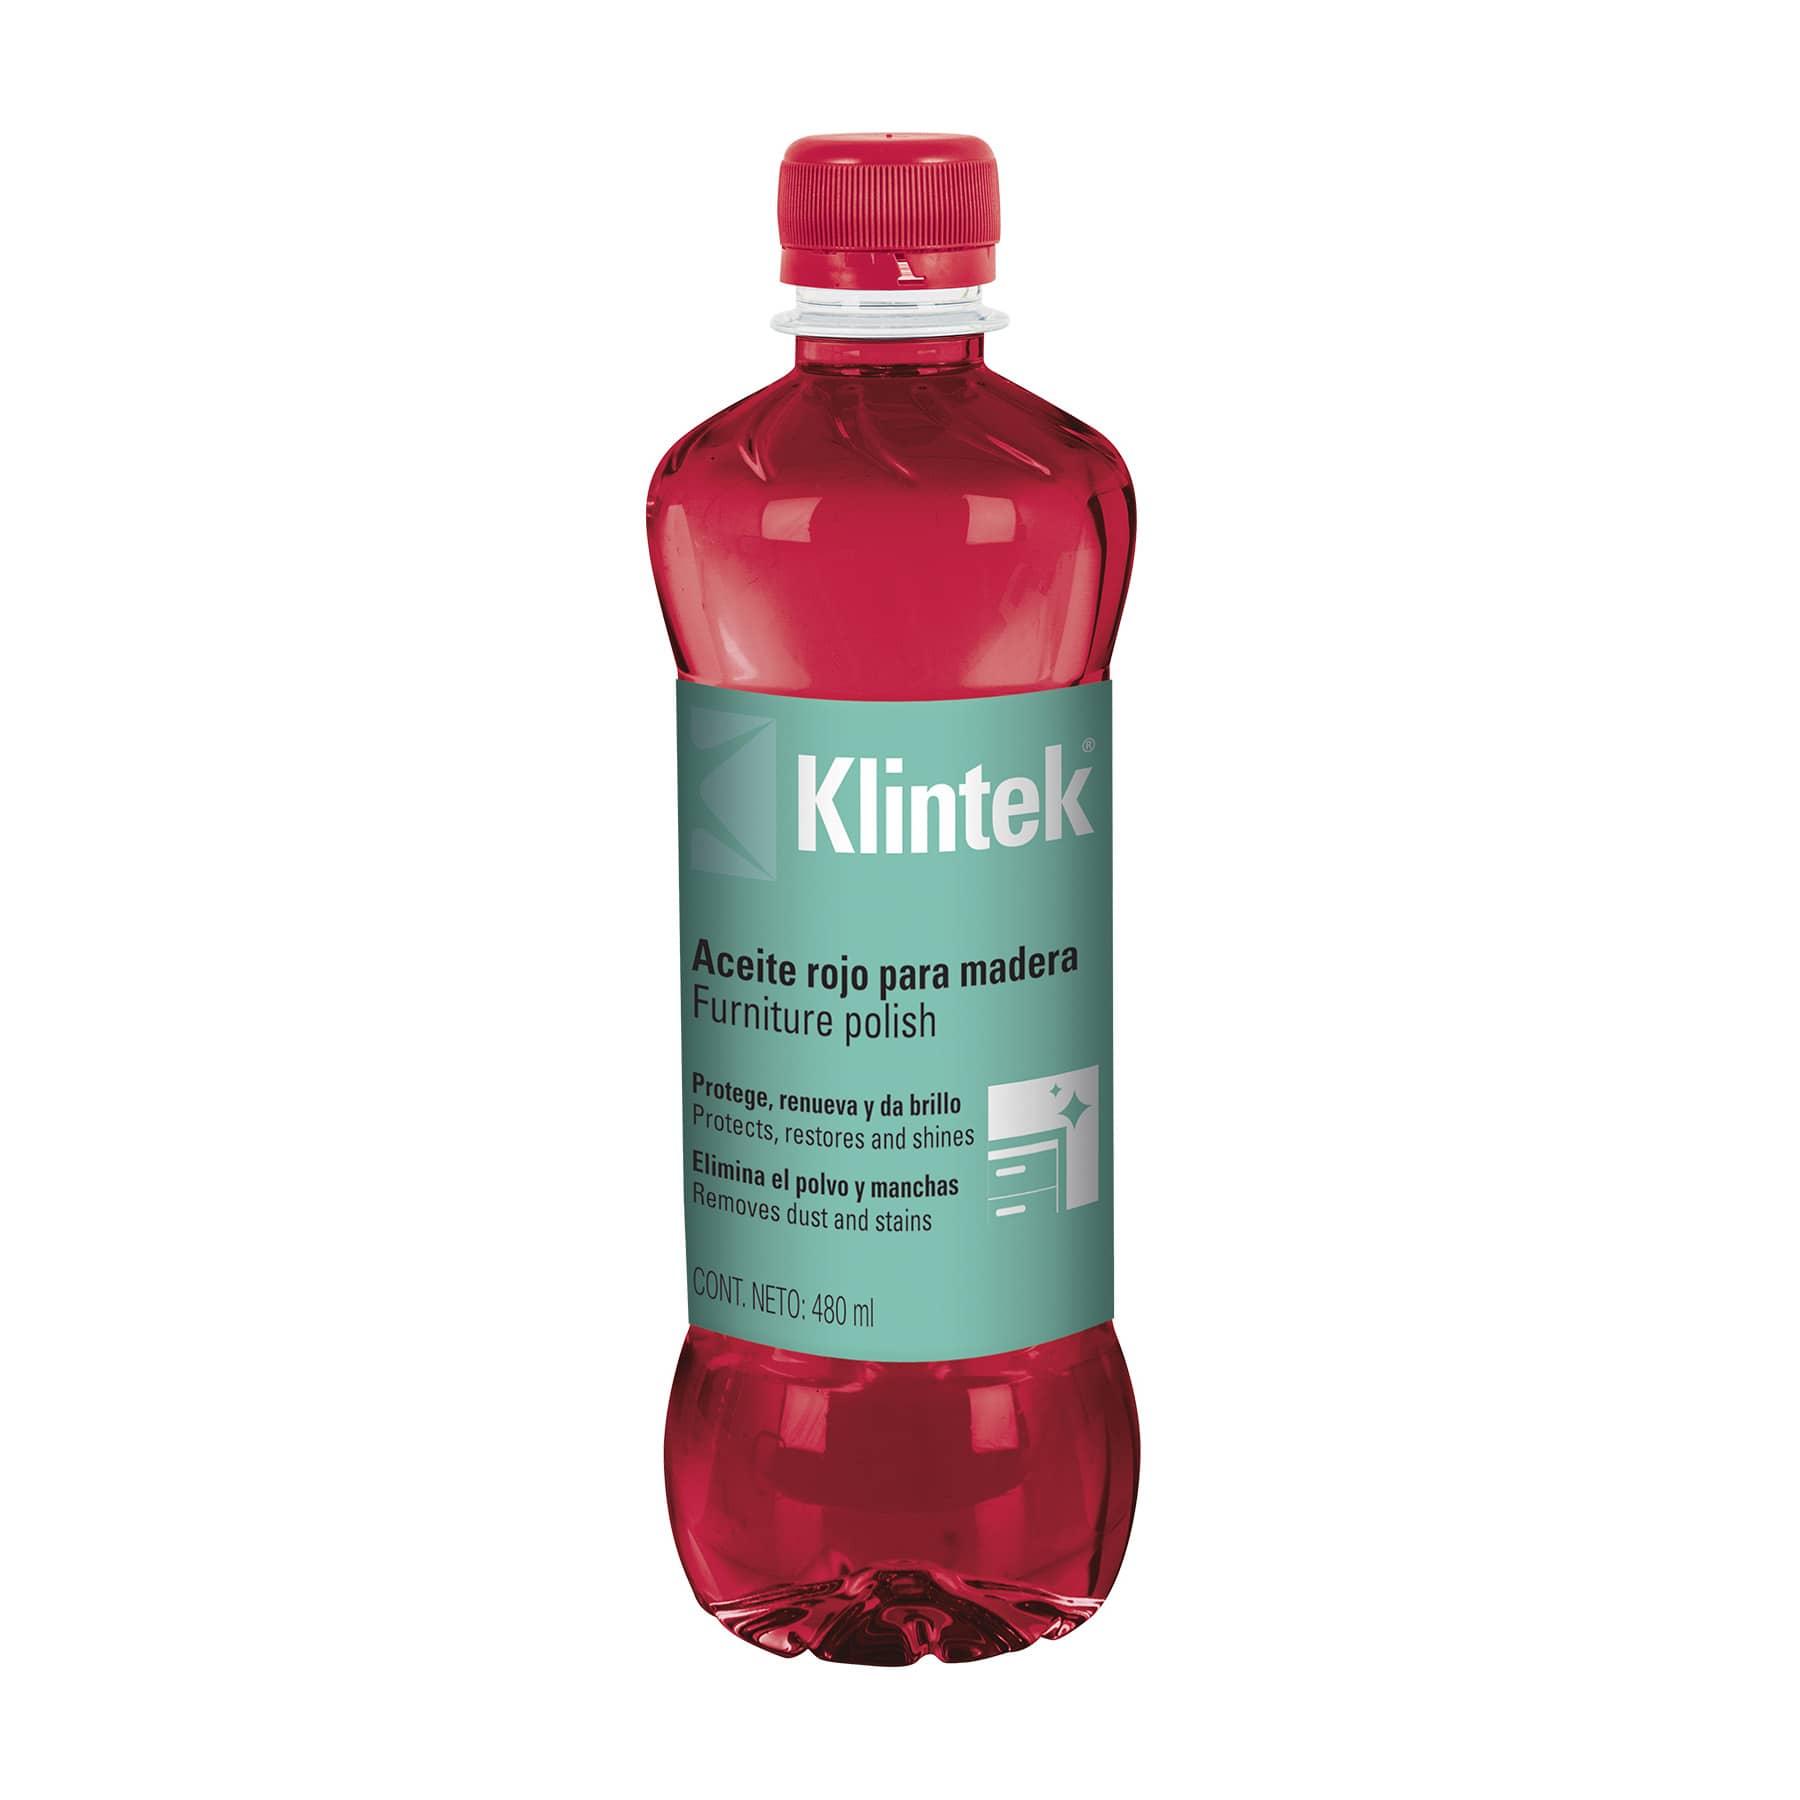 Aceite rojo para muebles 480 ml